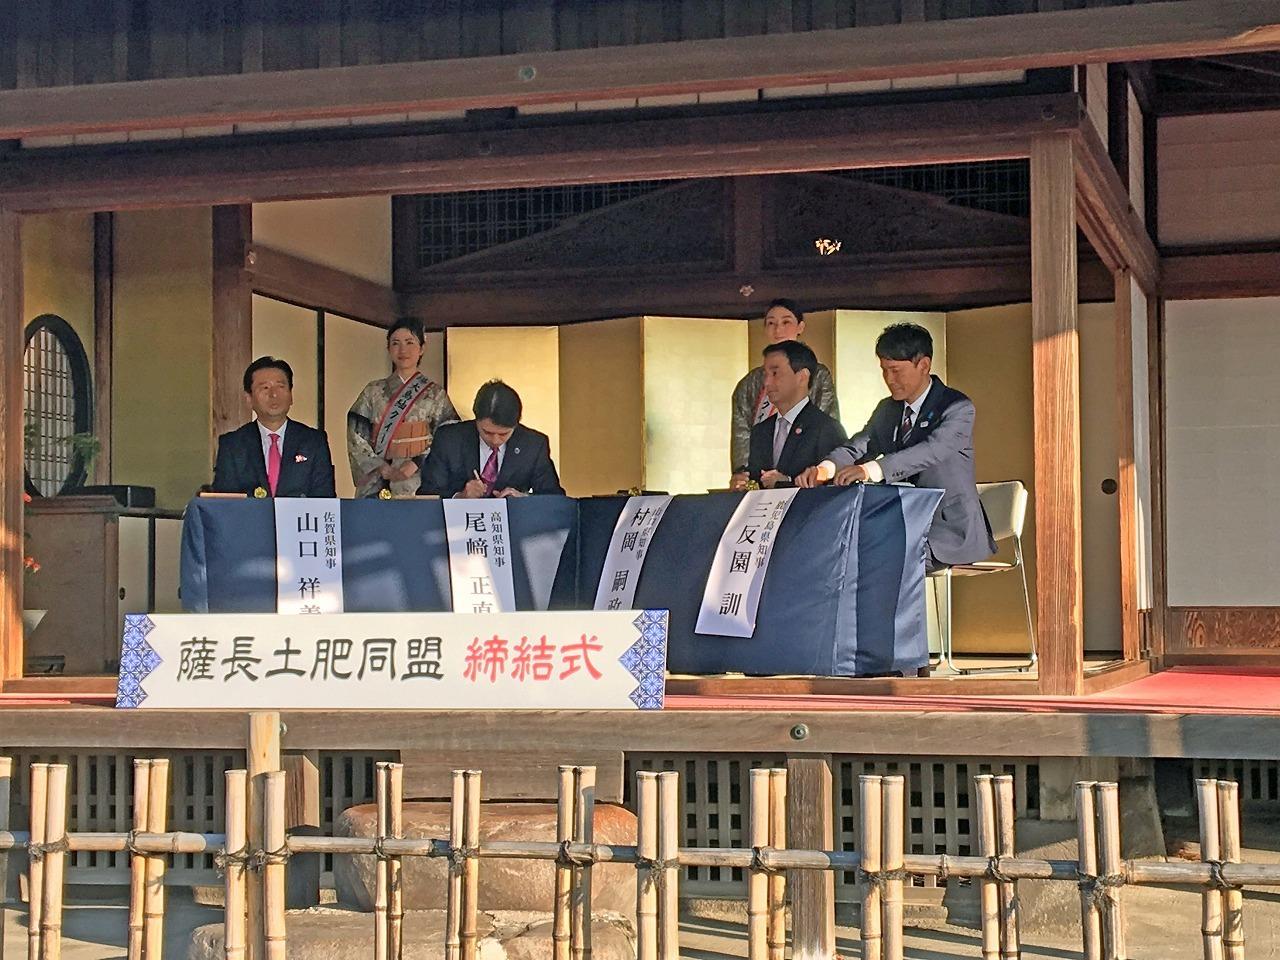 『平成の薩長土肥同盟』締結式出務ご報告/有村_c0315907_09290541.jpg